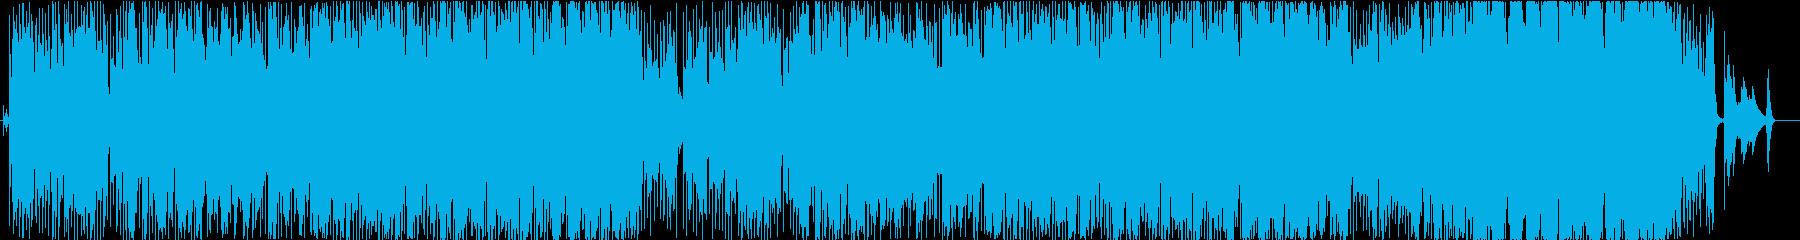 大人のバーをイメージしたオーボエジャズの再生済みの波形